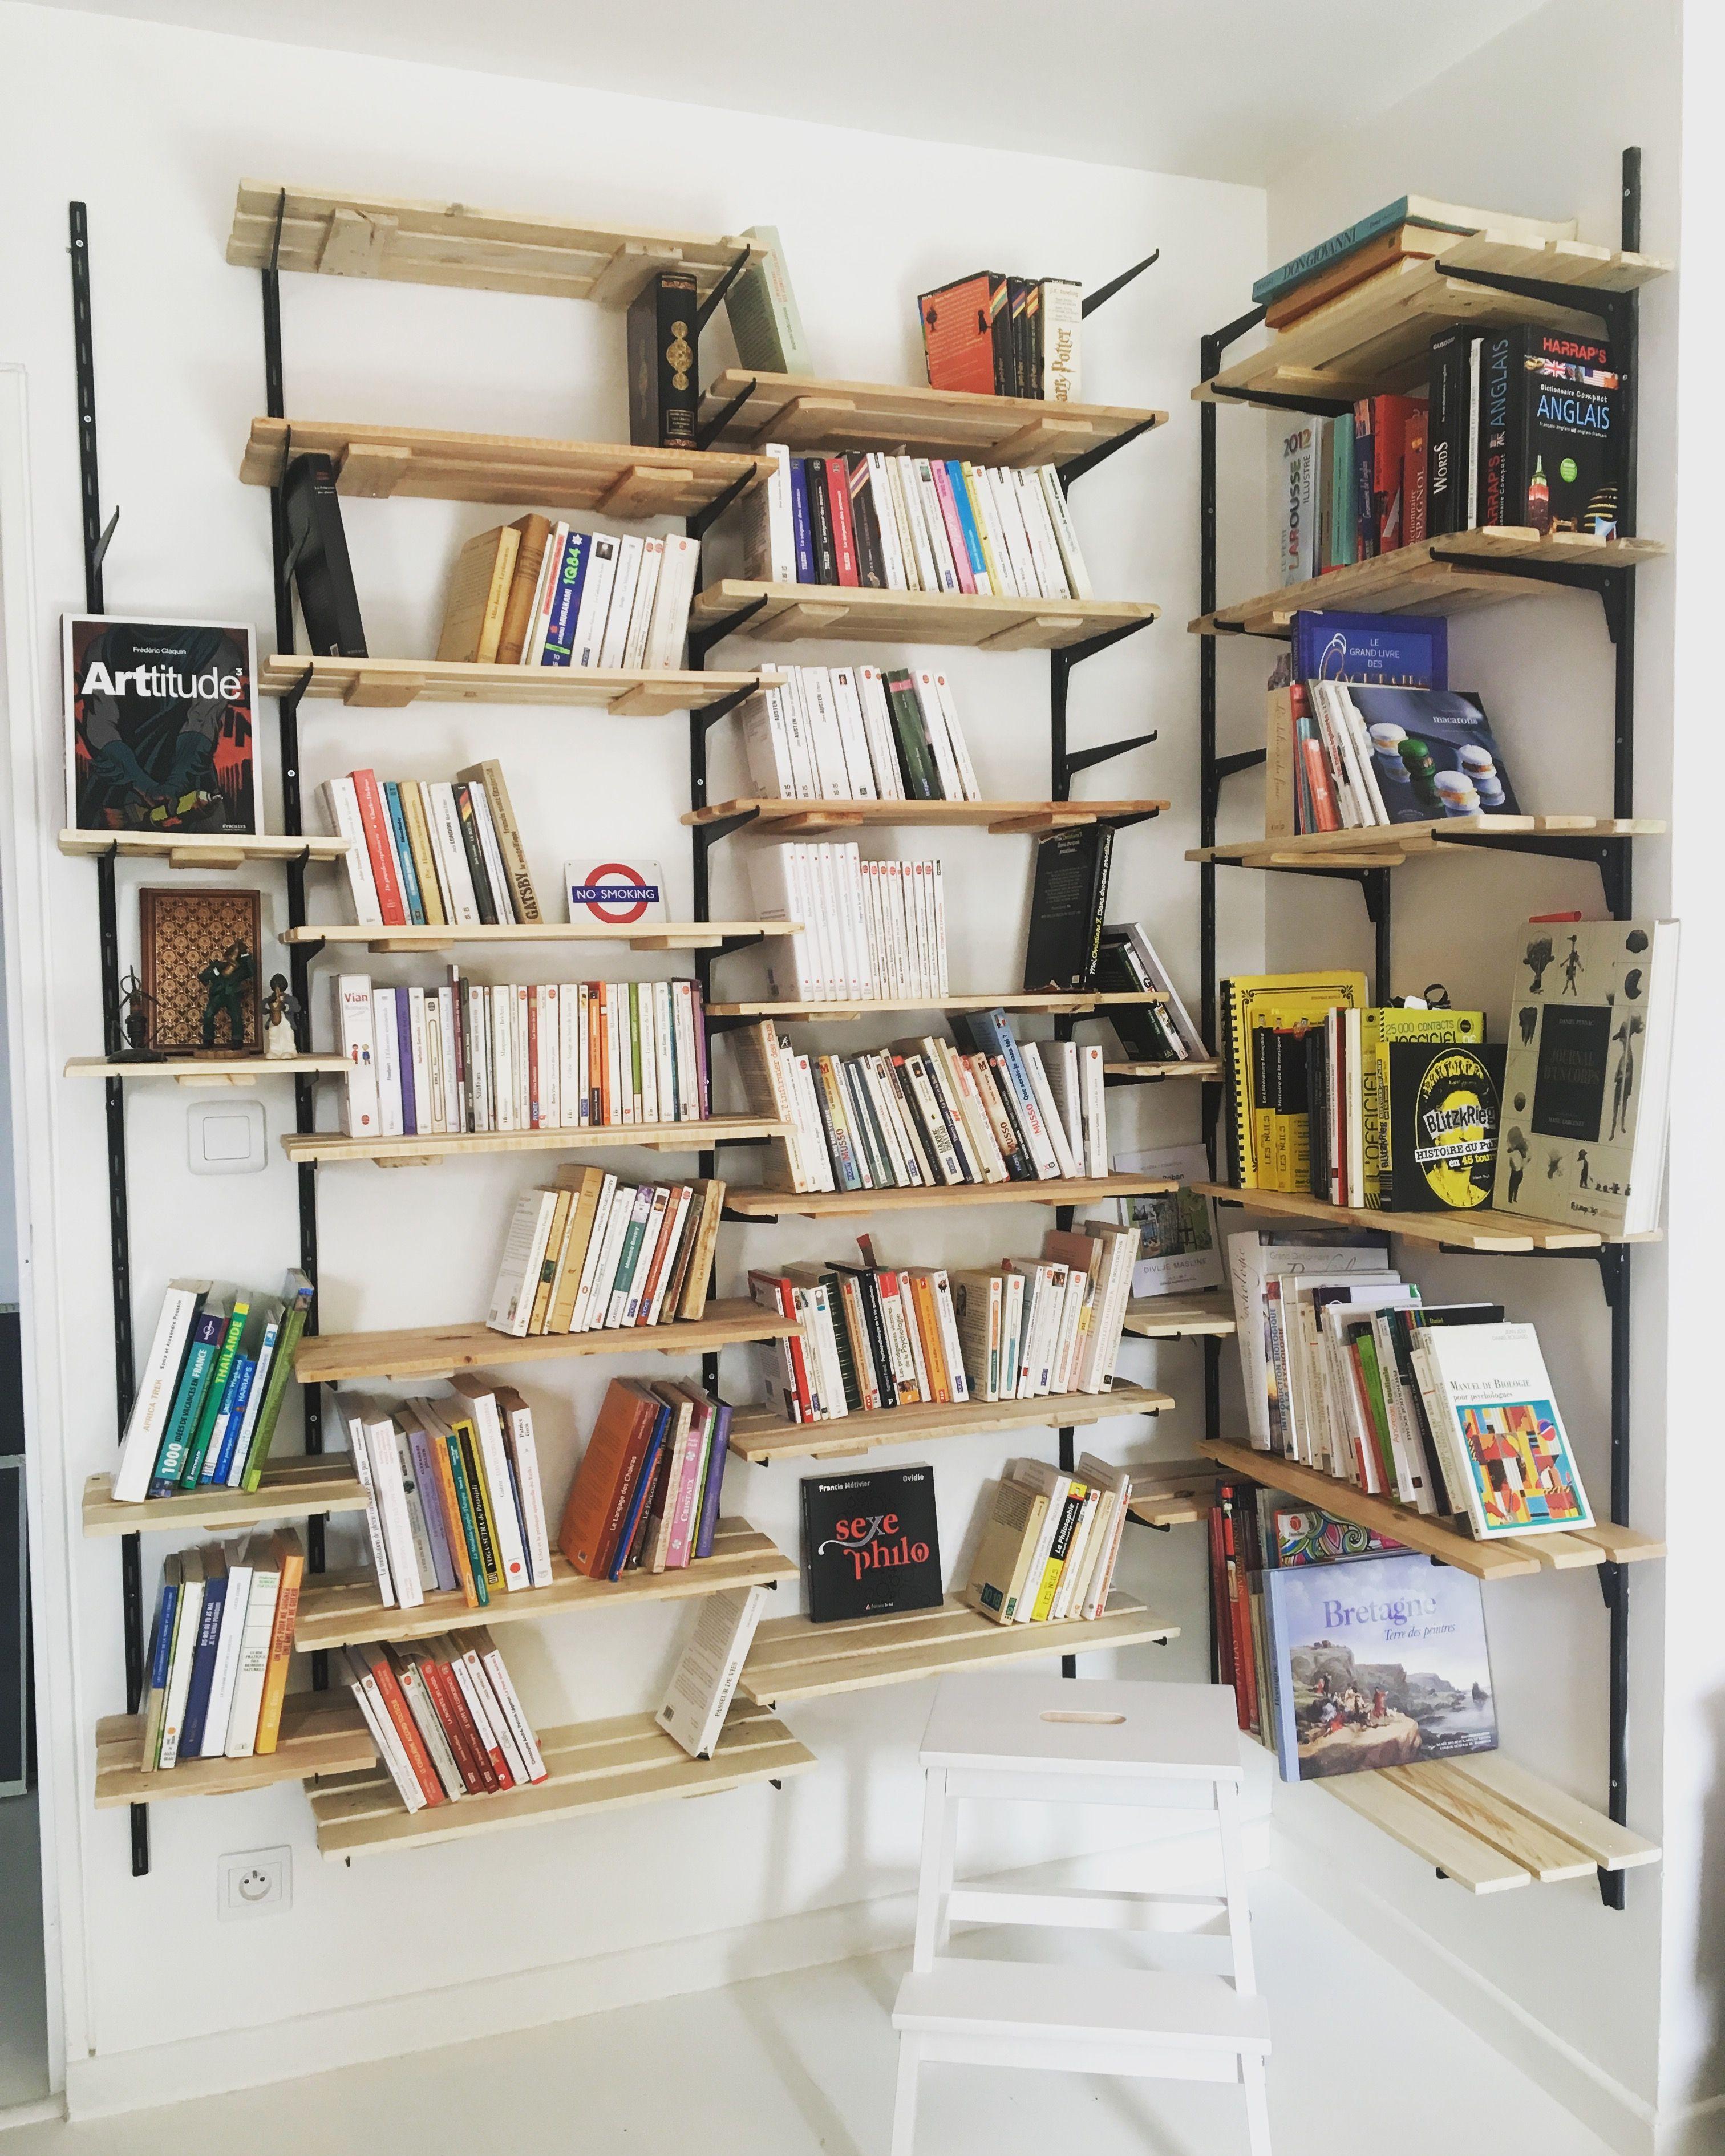 Bibliotheque Modulable Diy Bibliotheque En Palette Amenagement Maison Etageres Murales Salon